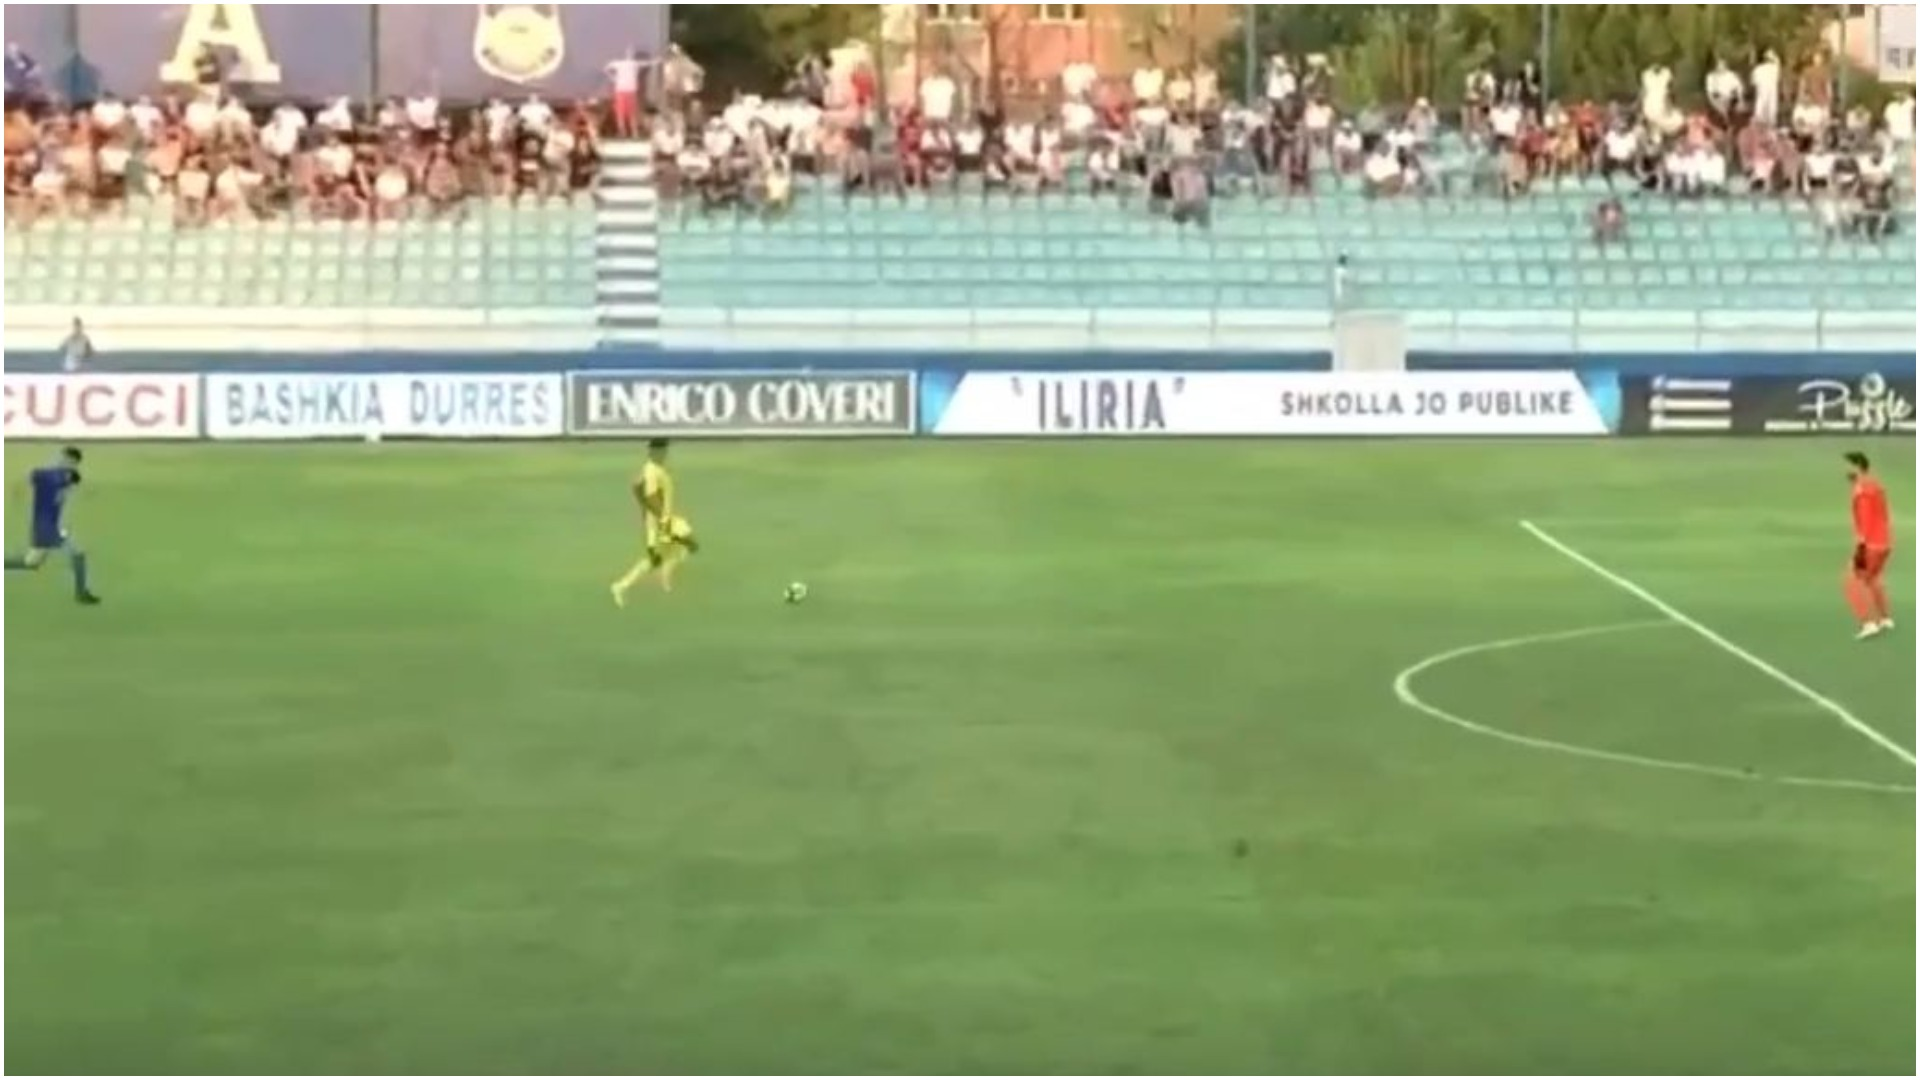 VIDEO/ Champions: Mbrojtja e kampionëve në gjumë, Teuta pëson tjetër gol